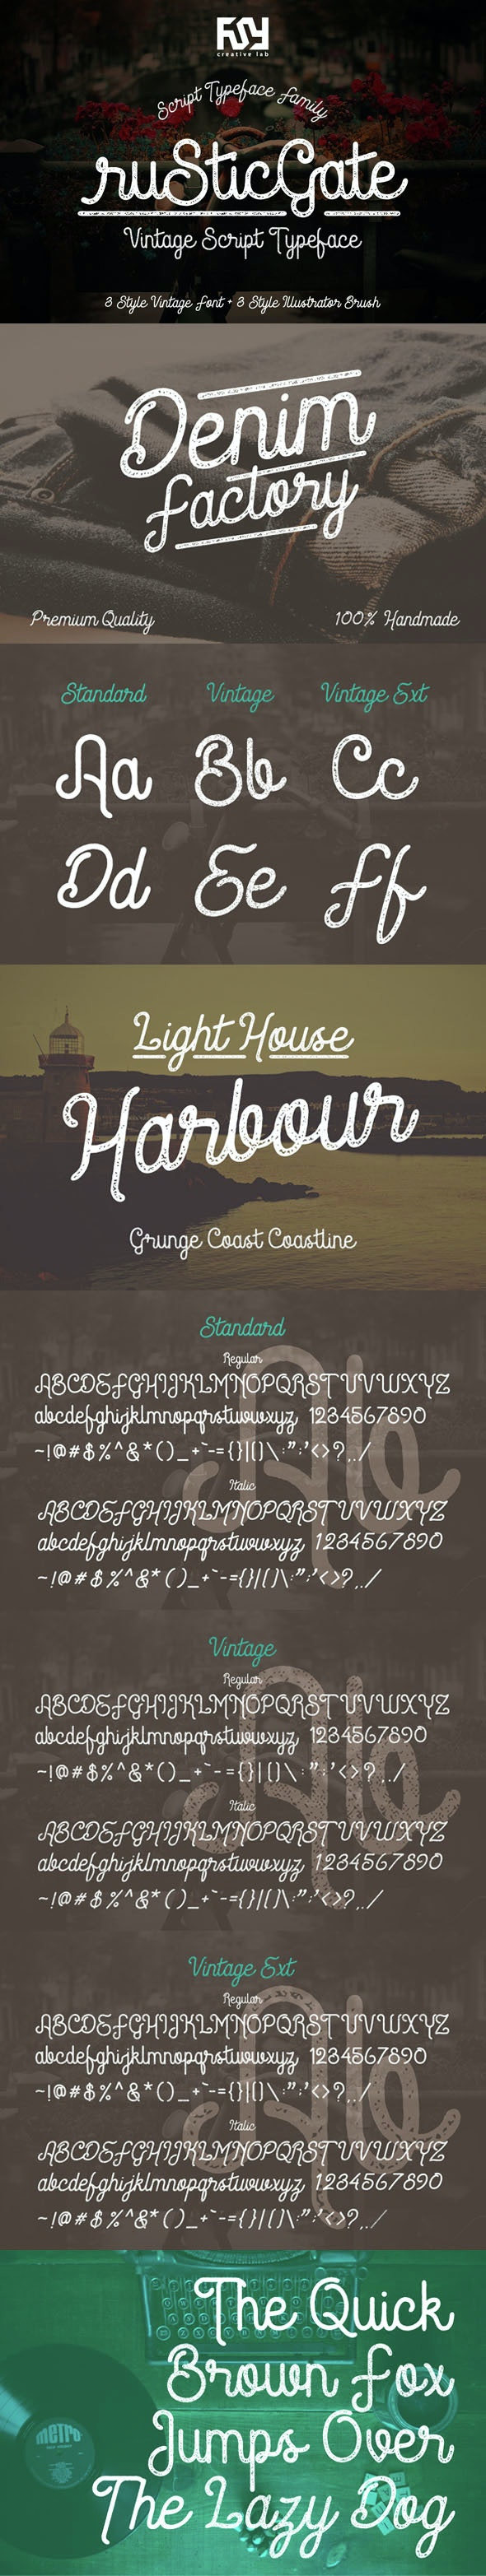 Rustic Gate Vintage Font - Fonts